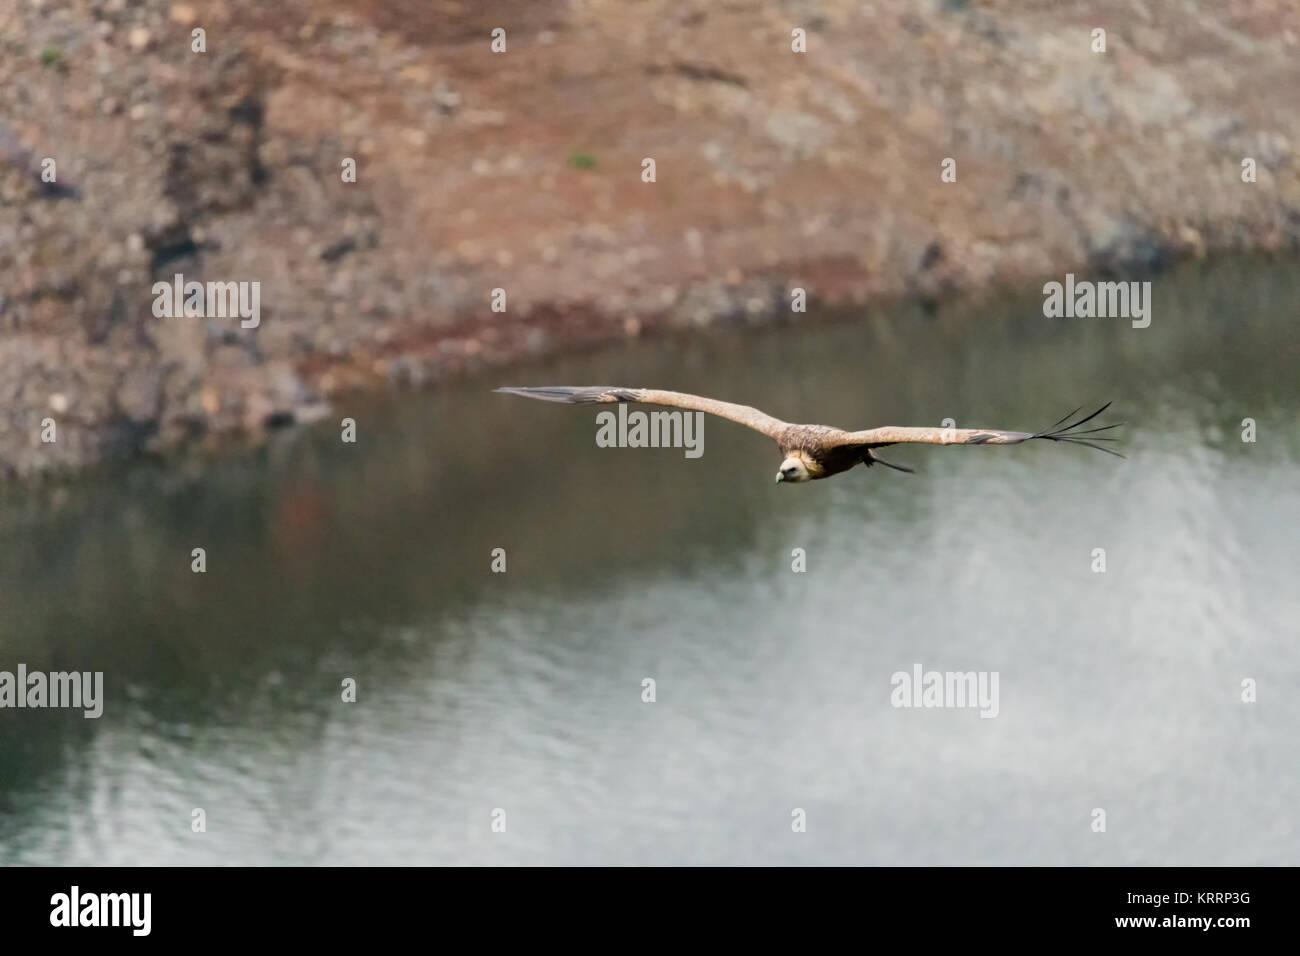 Avvoltoio grifone fotografato in Monfrague Parco Nazionale. Extremadura. Spagna. Immagini Stock